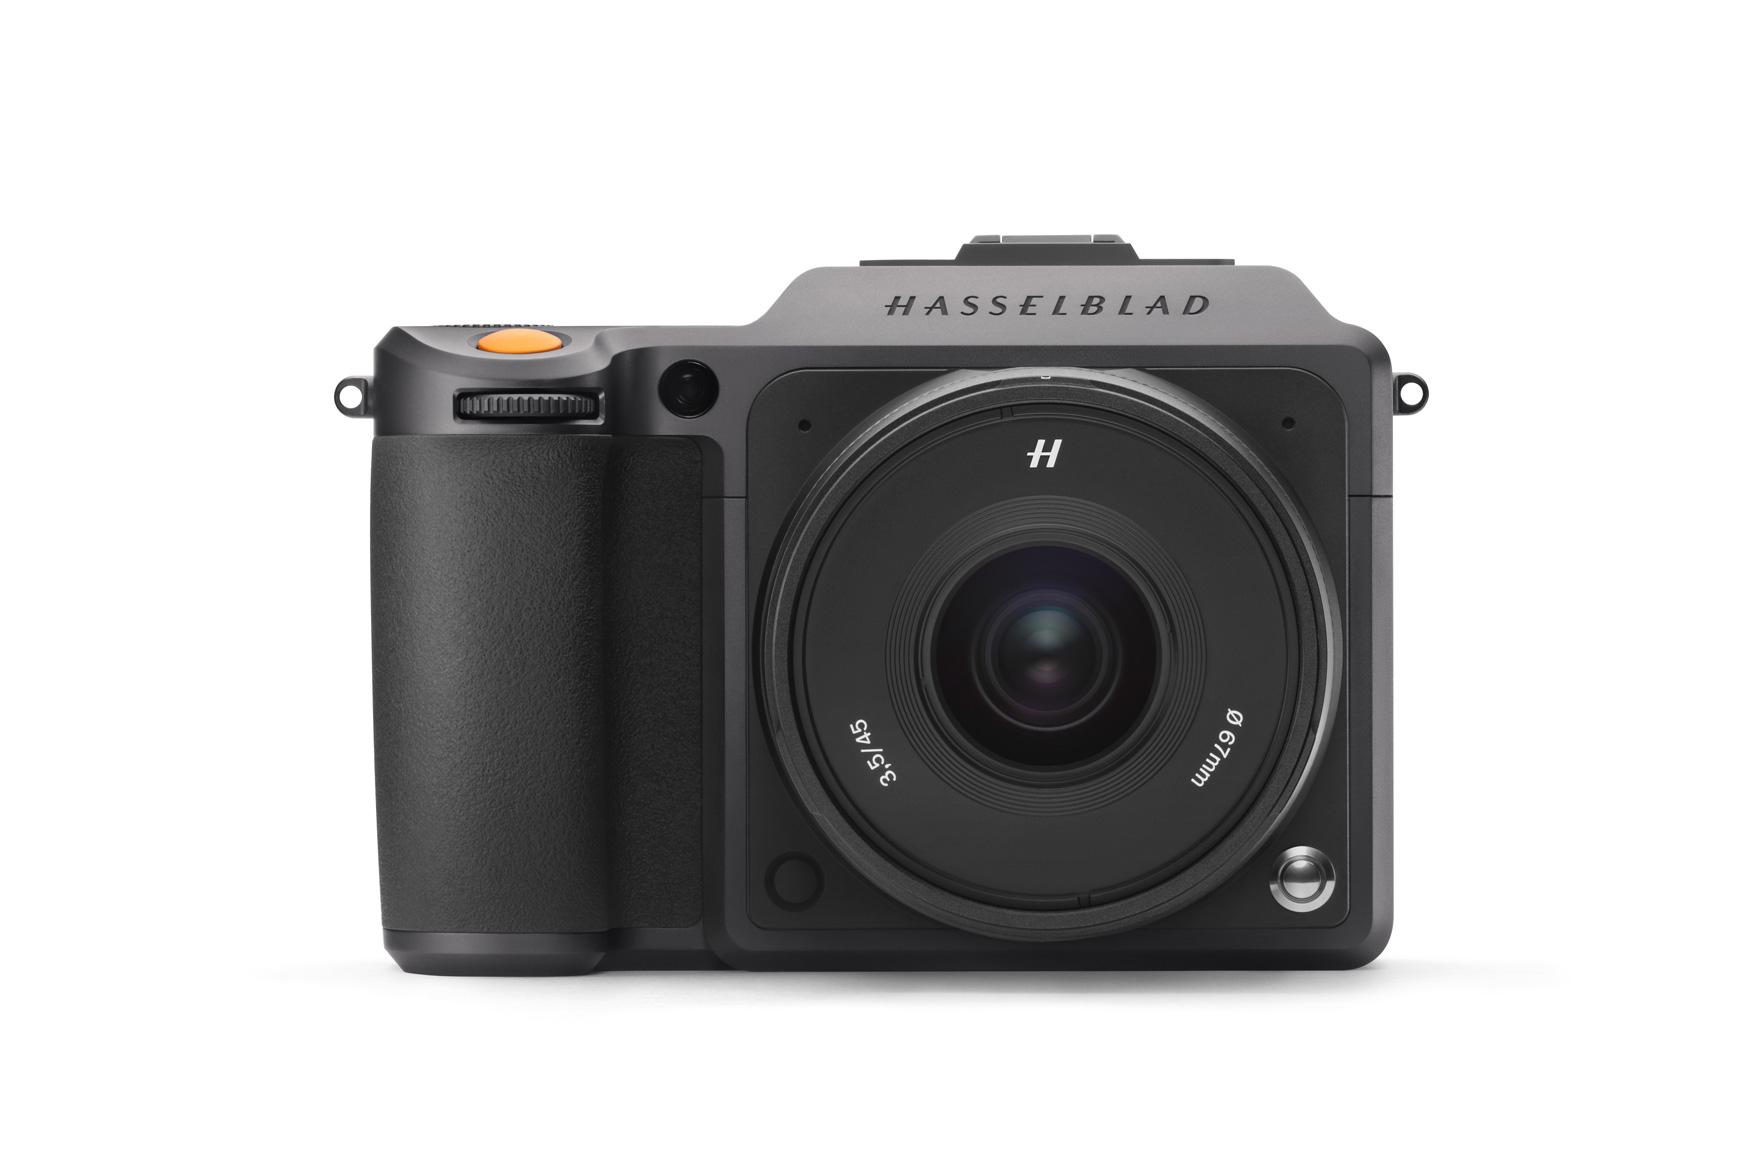 Анонс Hasselblad X1D II 50C и Hasselblad XCD 35-75mm f/3.5-4.5/35-75